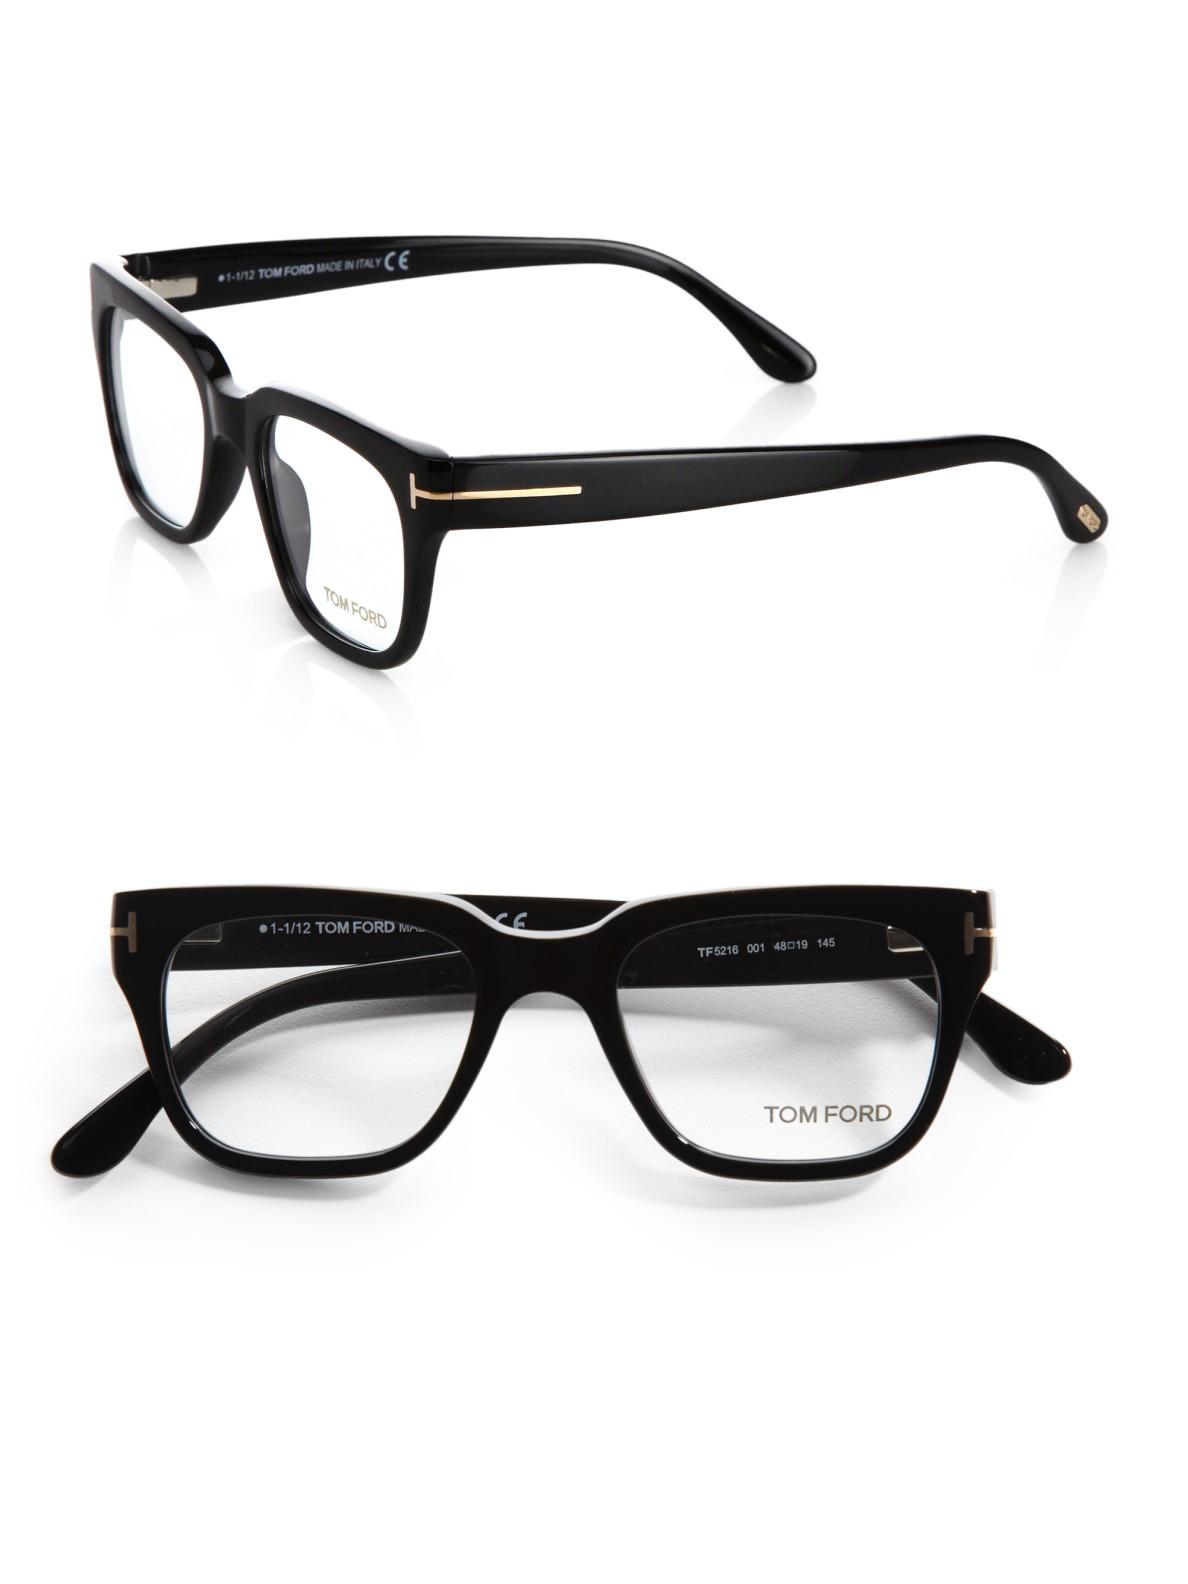 ecd8b2bcf483 Lyst - Tom Ford Plastic Optical Frames in Black for Men